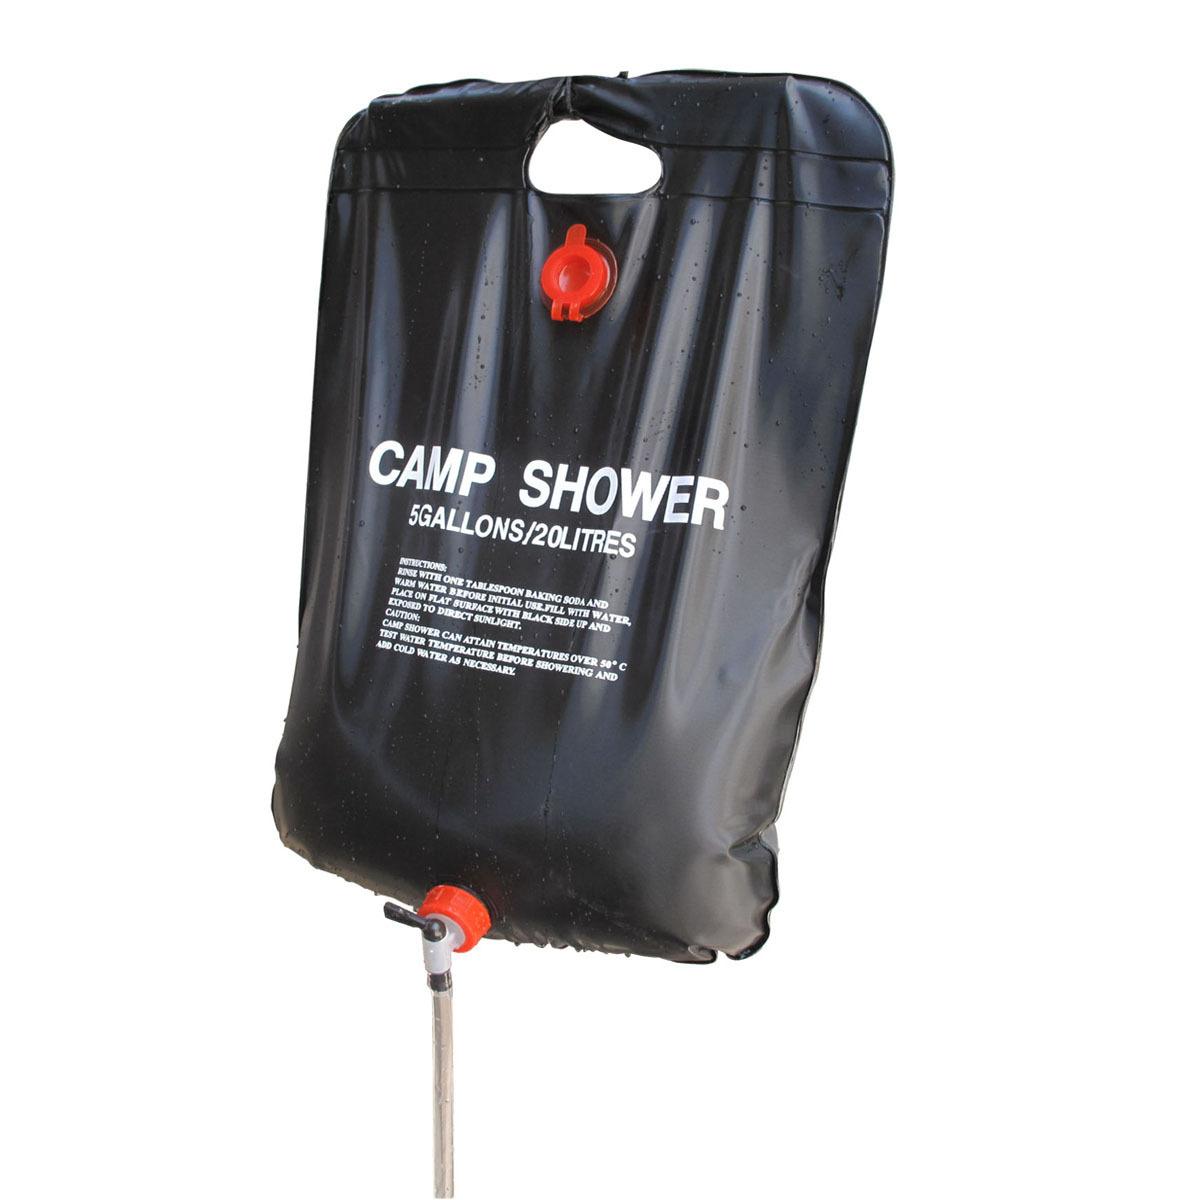 """Товары для отдыха и путешествий Переносной душ (походный душ) """"Camp Shower"""" f5f1e69dc11b5b5b49950eb054bf2e14.jpg"""